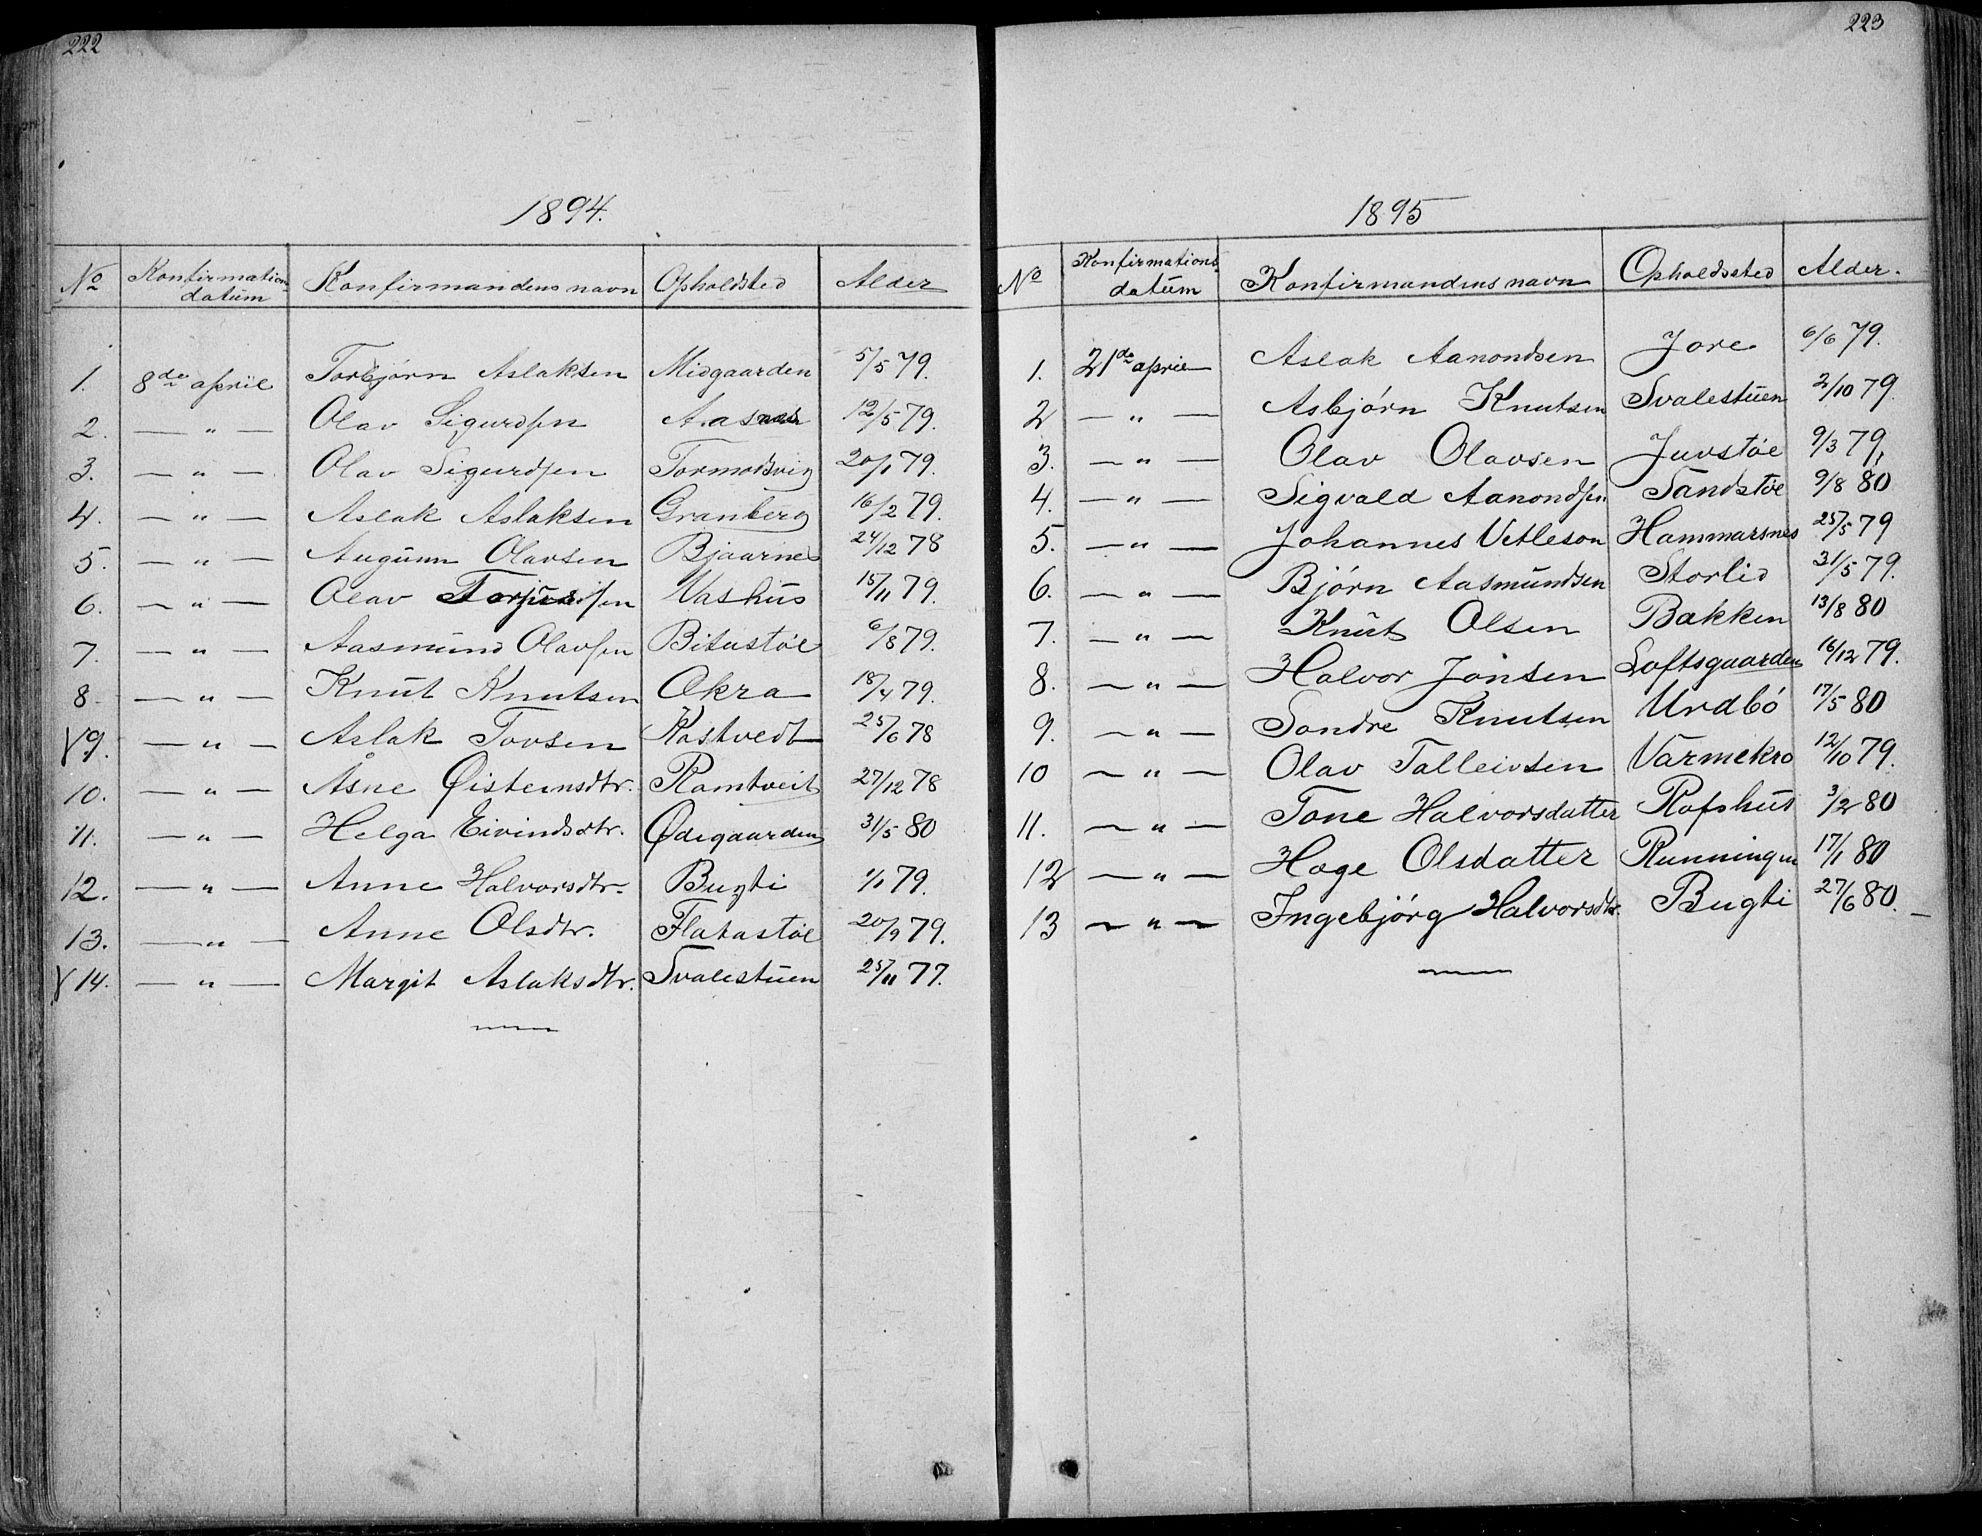 SAKO, Rauland kirkebøker, G/Ga/L0002: Klokkerbok nr. I 2, 1849-1935, s. 222-223